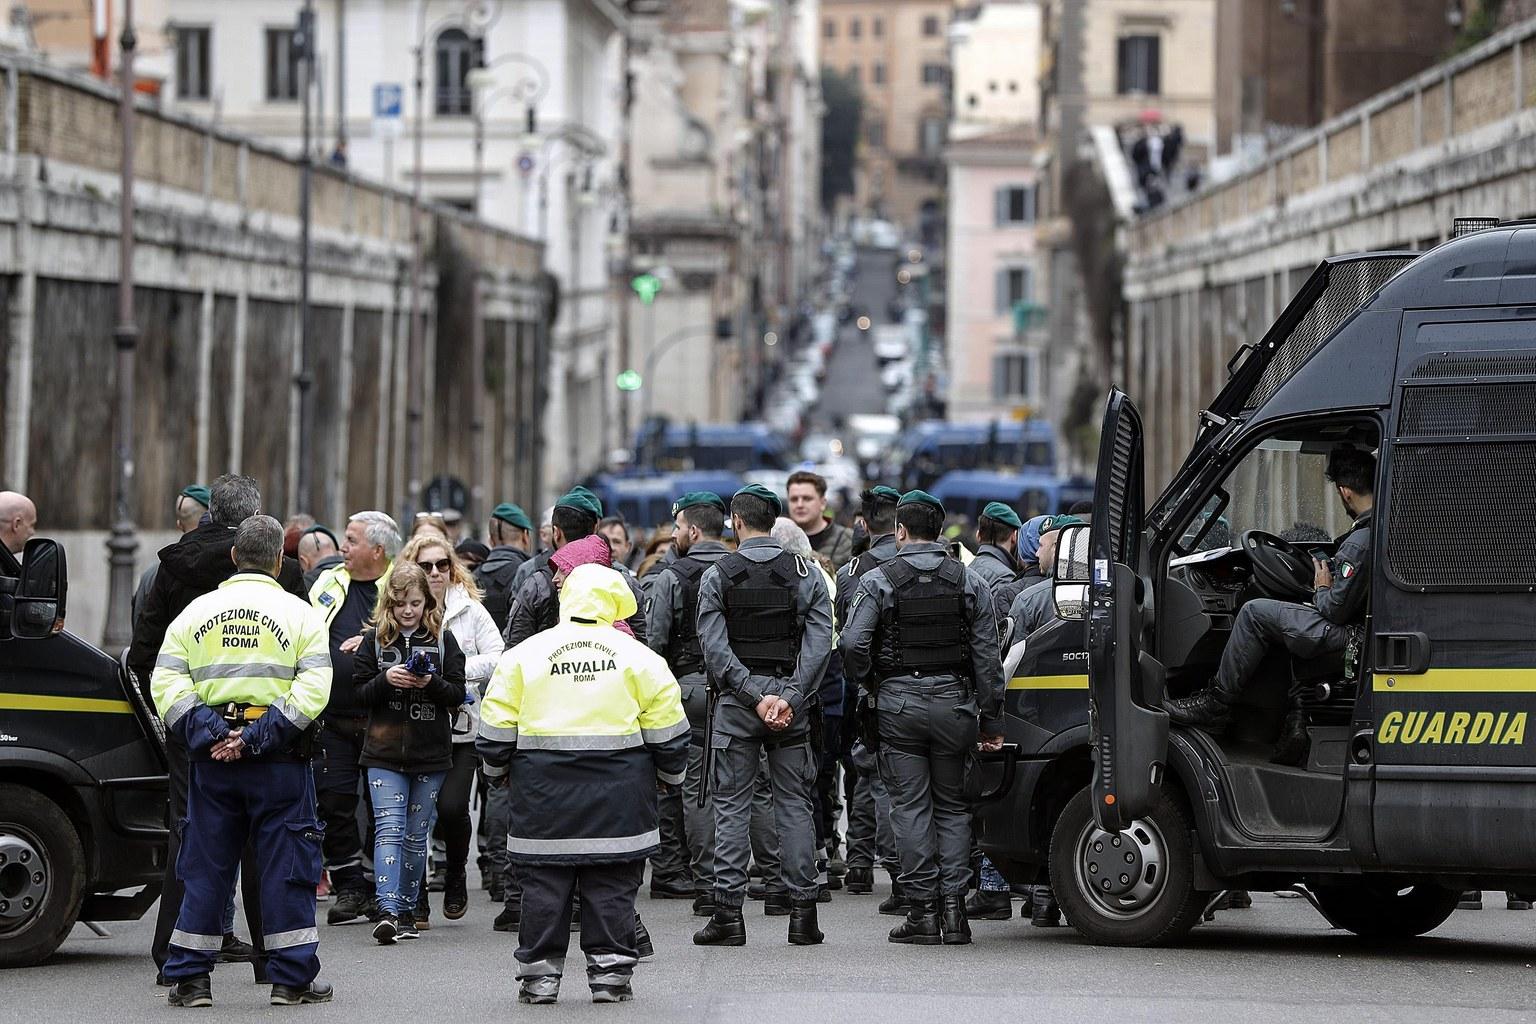 Róma - nagyszombat - húsvét - biztonság